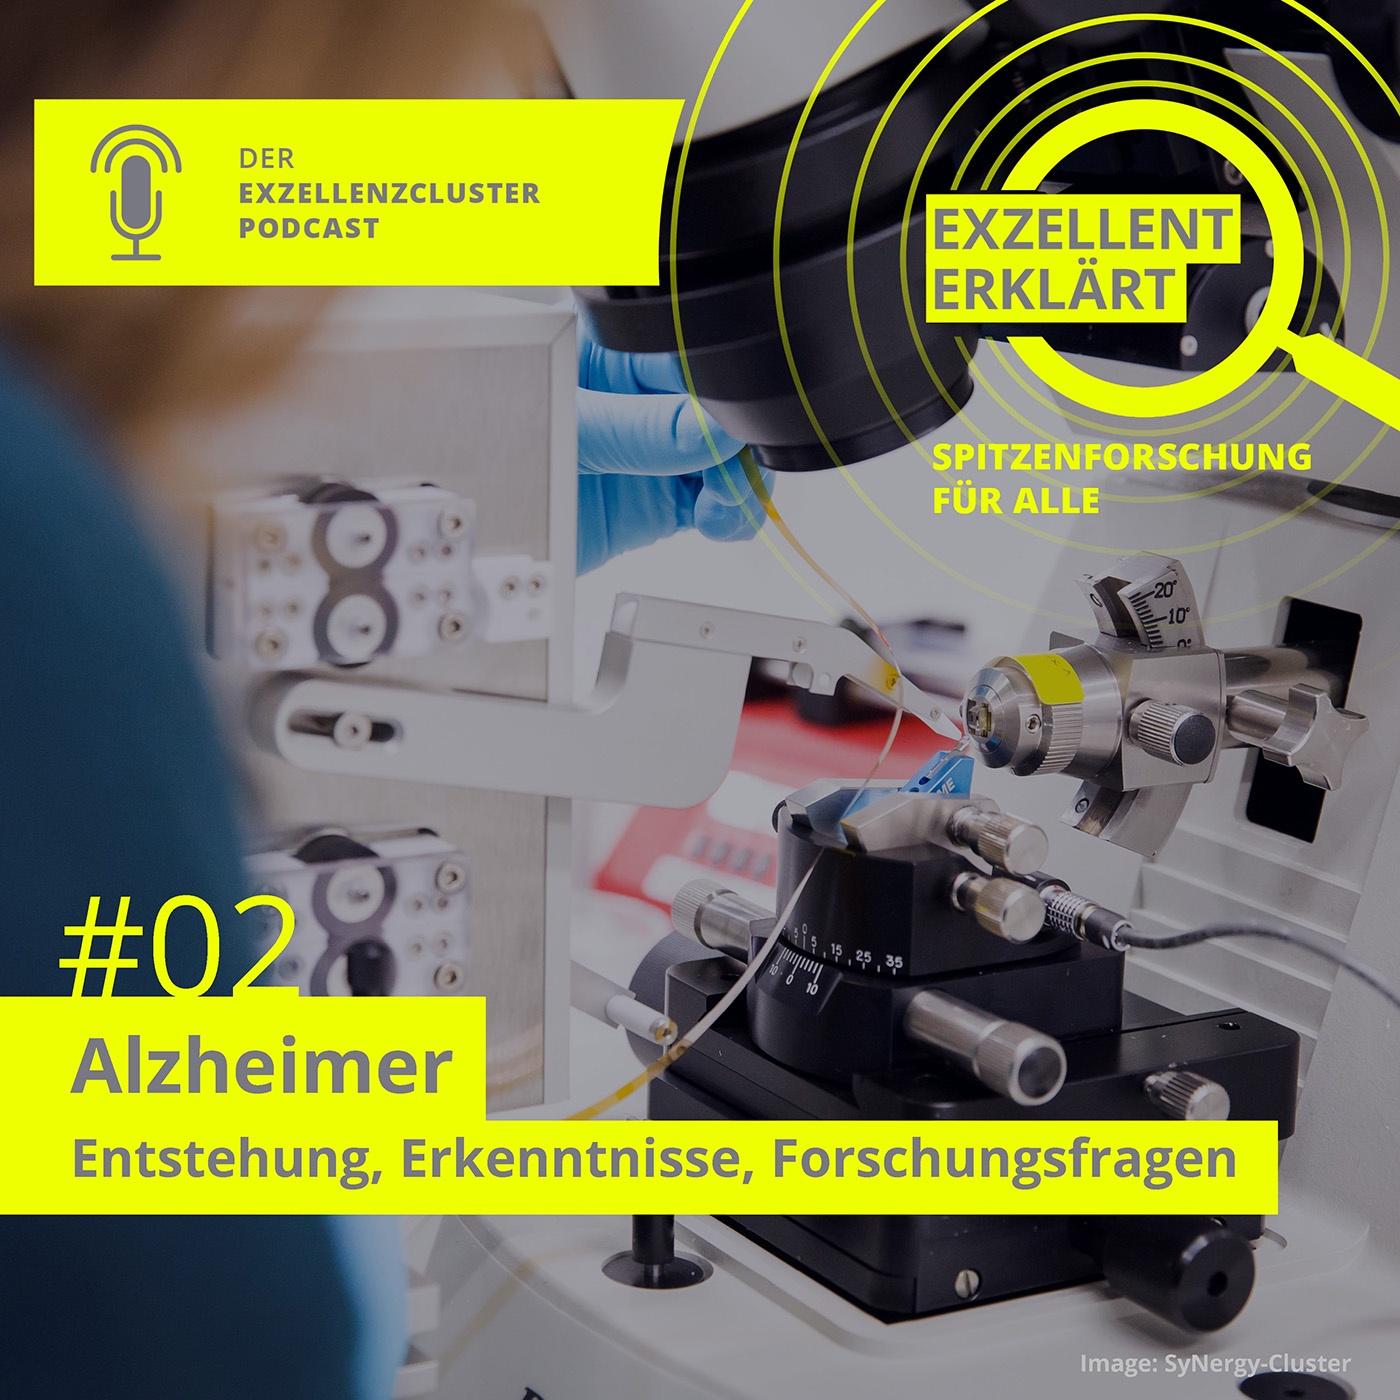 Alzheimer – Entstehung, Erkenntnisse, Forschungsfragen